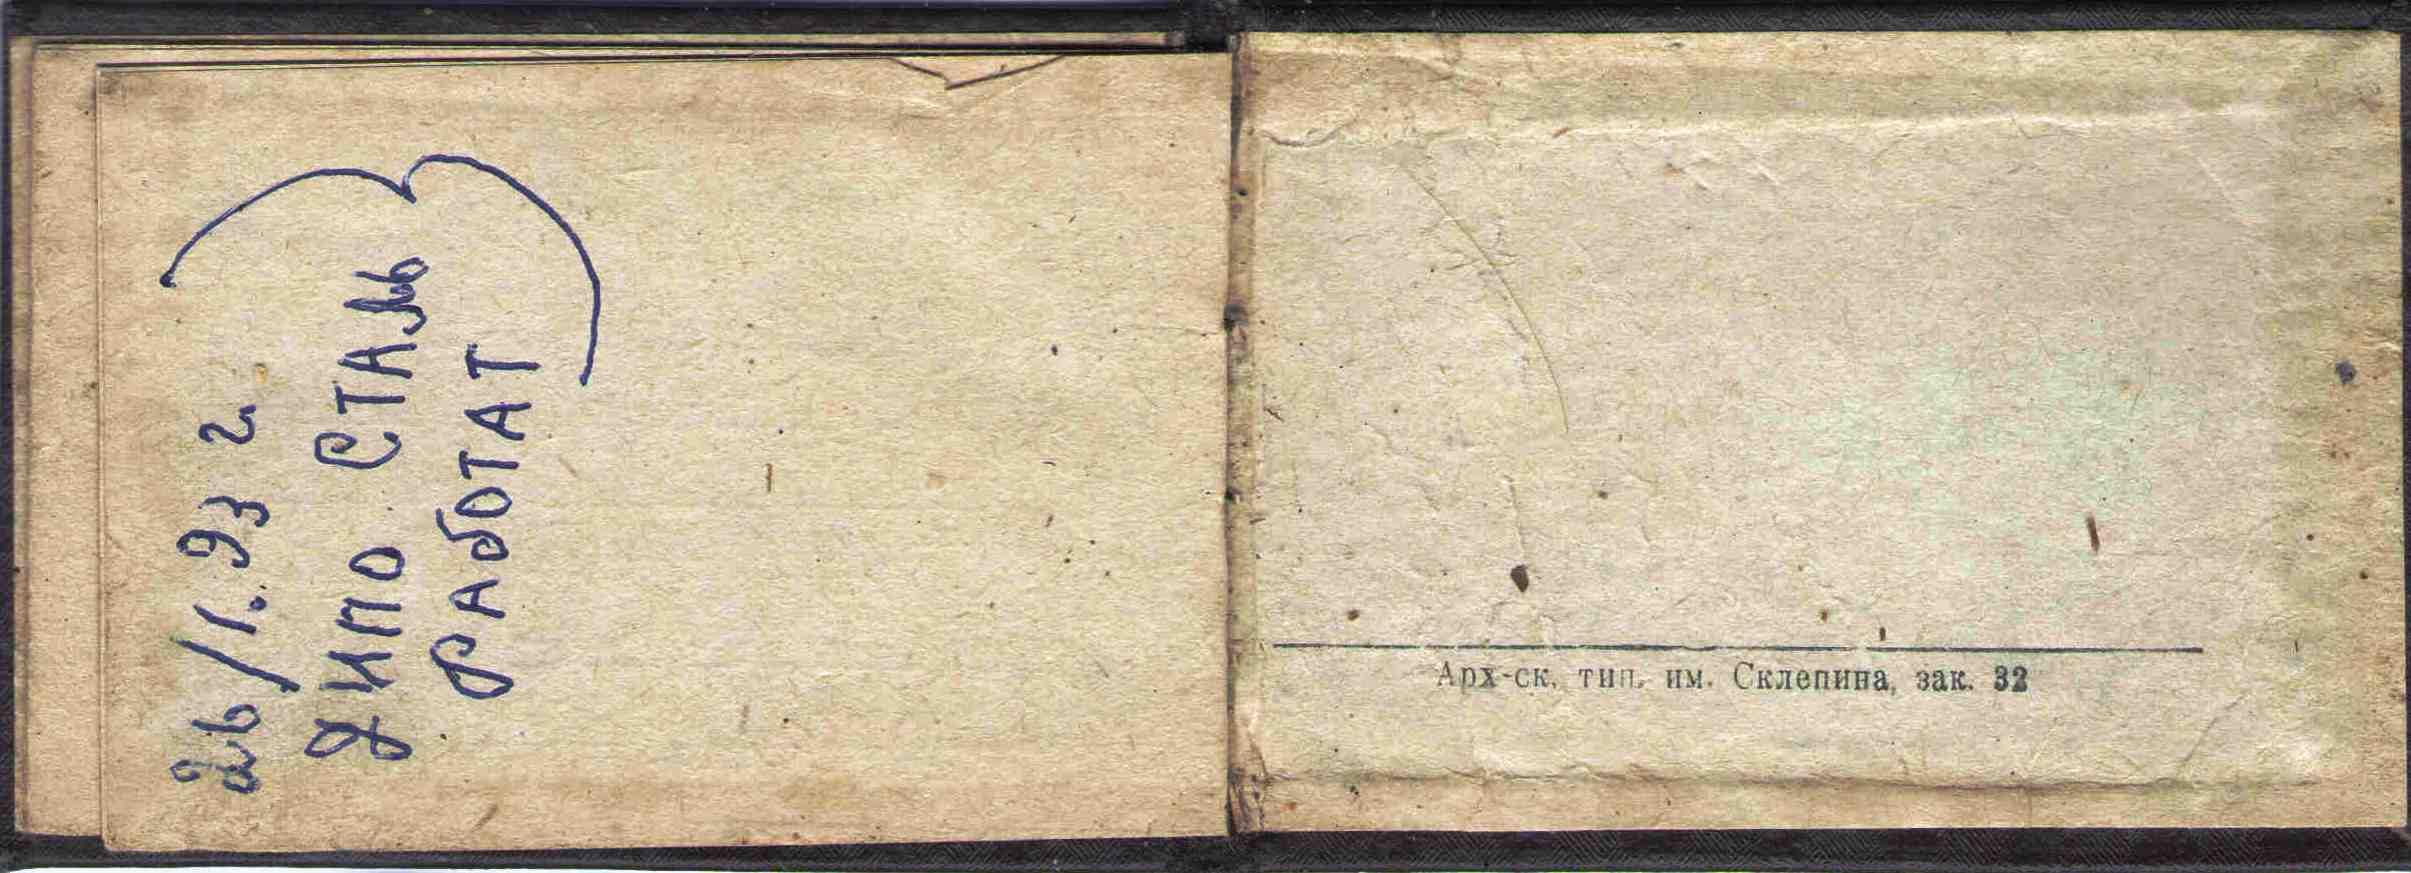 54. Удостоверение об образовании, Барыкин ПП, 1962